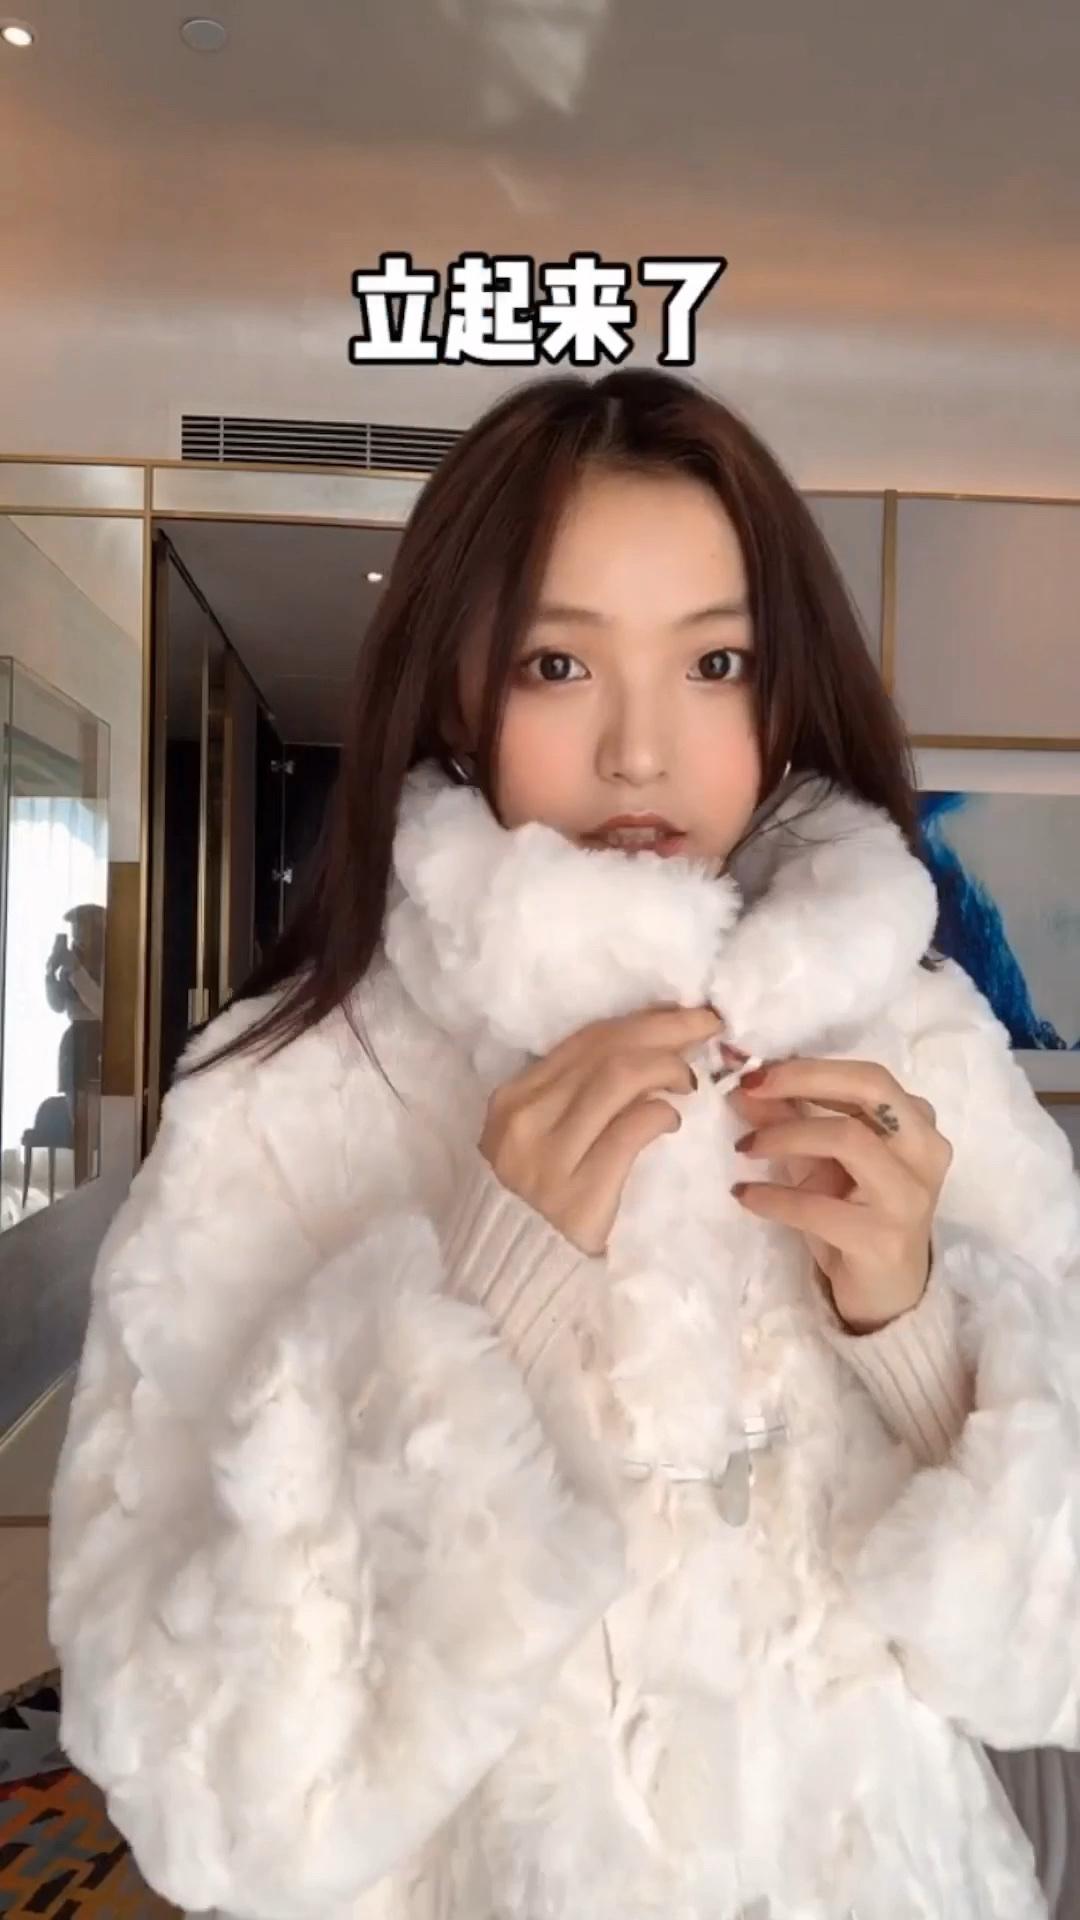 下雪啦,你去赏雪一定要有这一件大衣。#你的冬天就是缺了这件呢大衣#